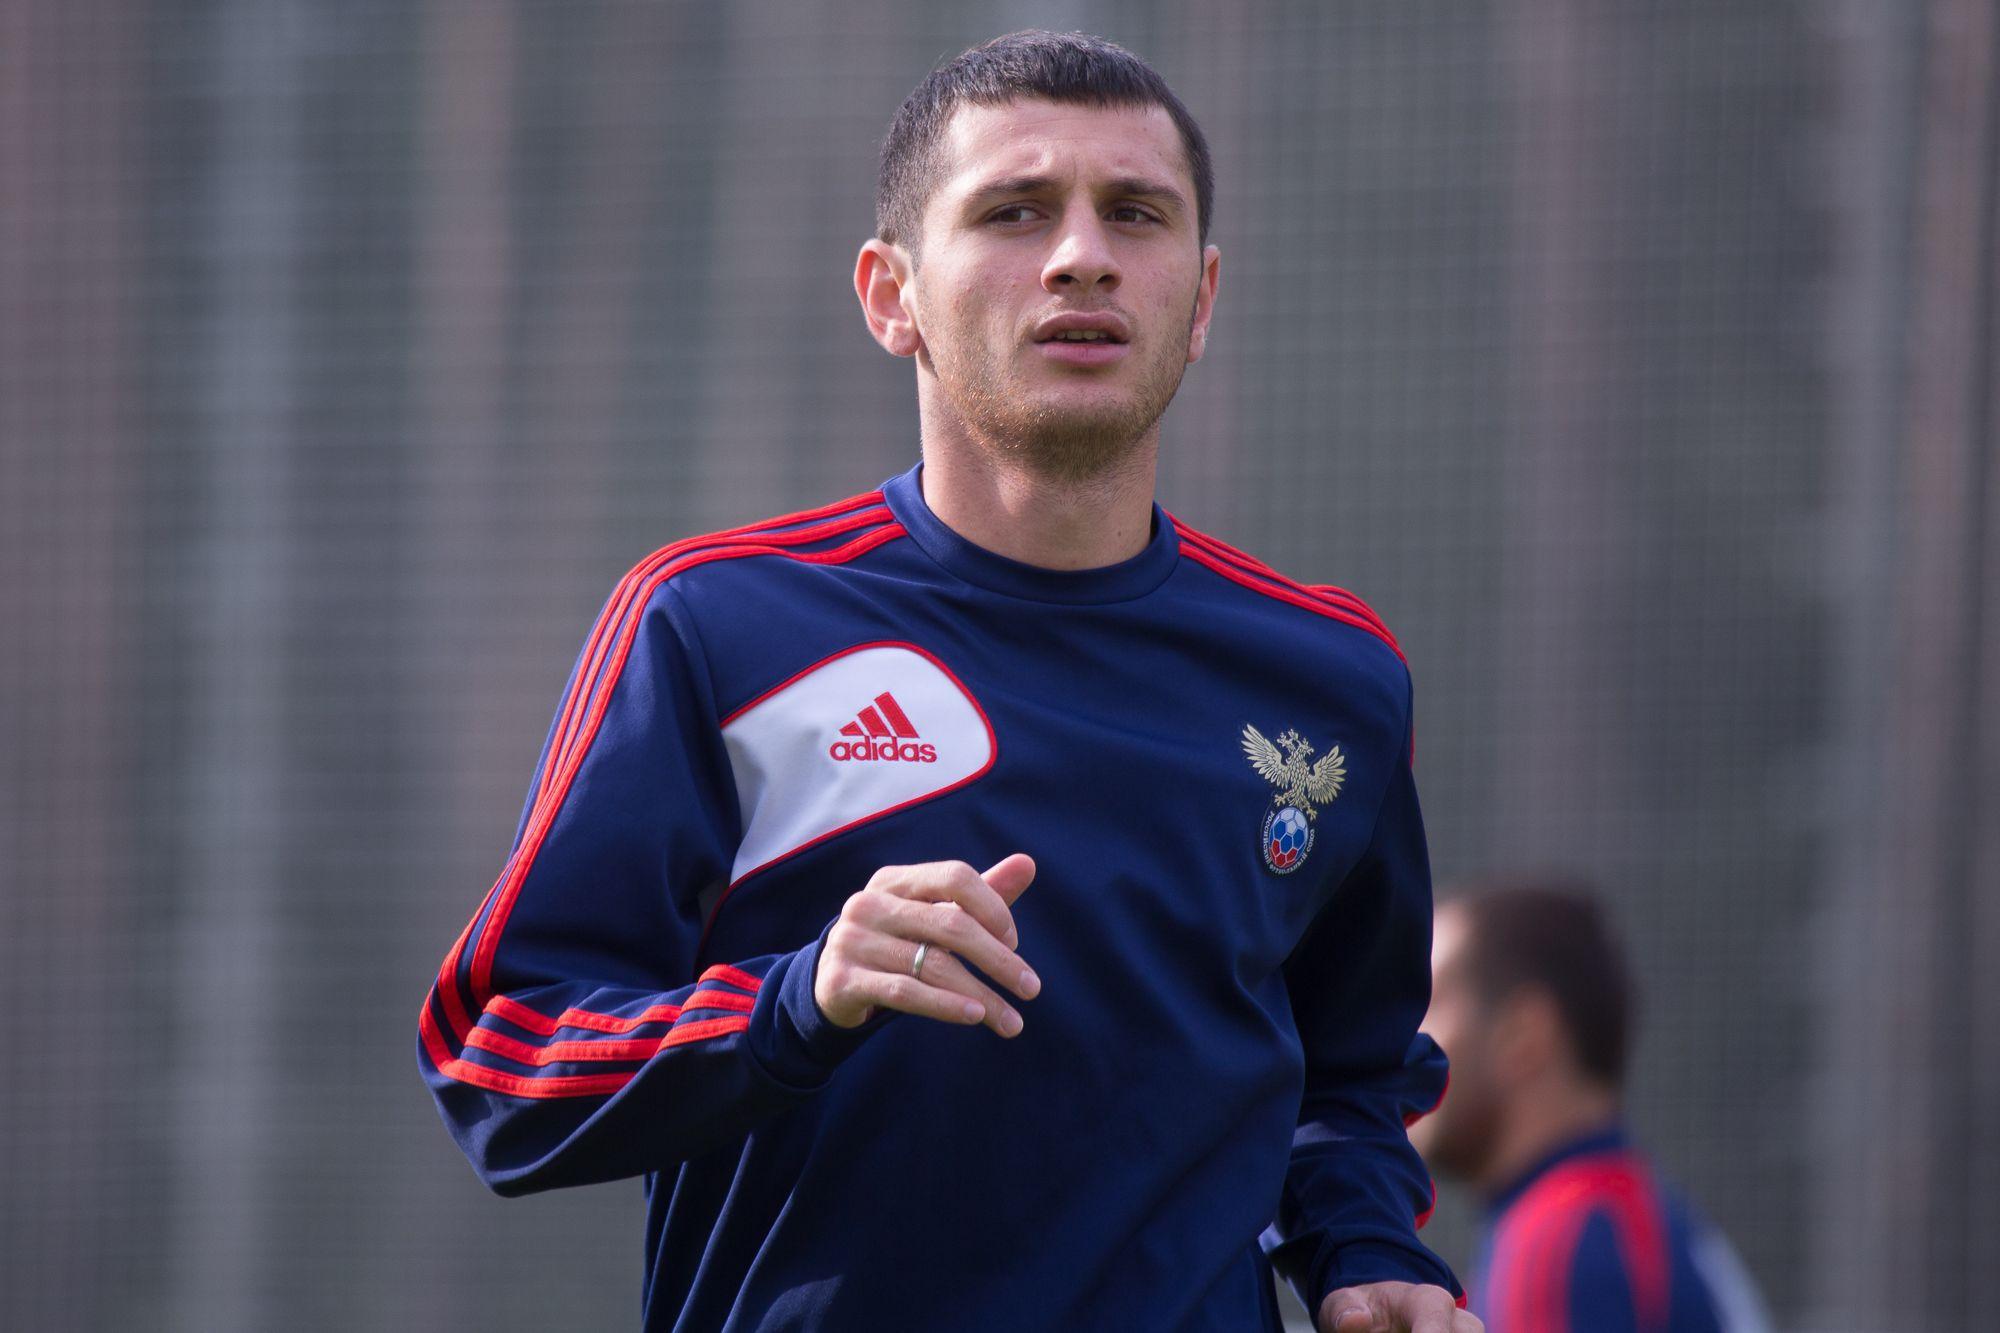 Футбольные клубы «Краснодар», «Ростов» и «Сочи» интересуются Дзагоевым